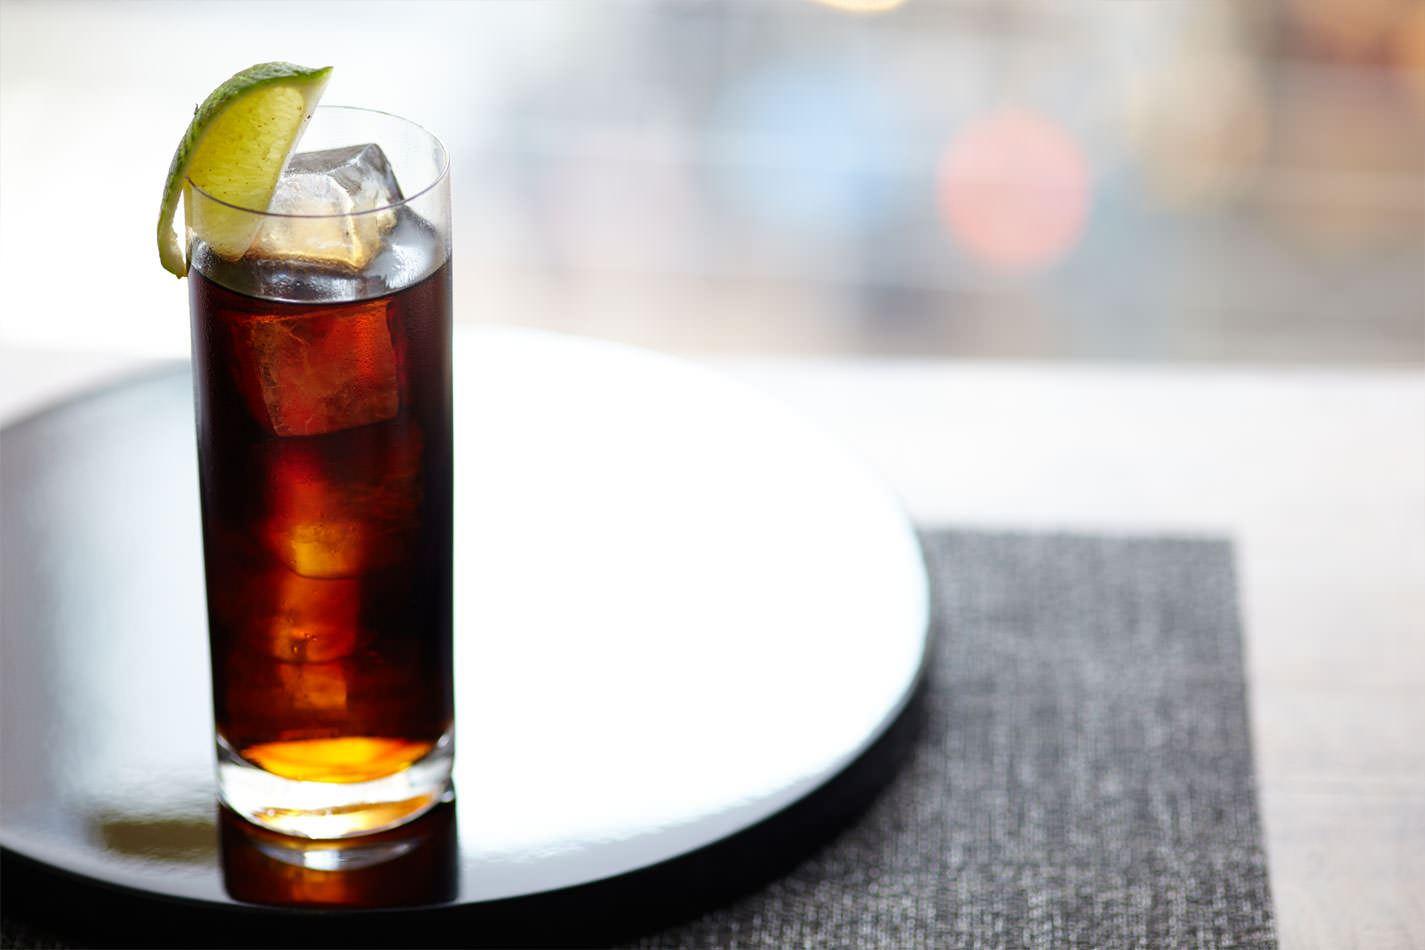 Destilado com Coca. Reprodução: Smirnoff